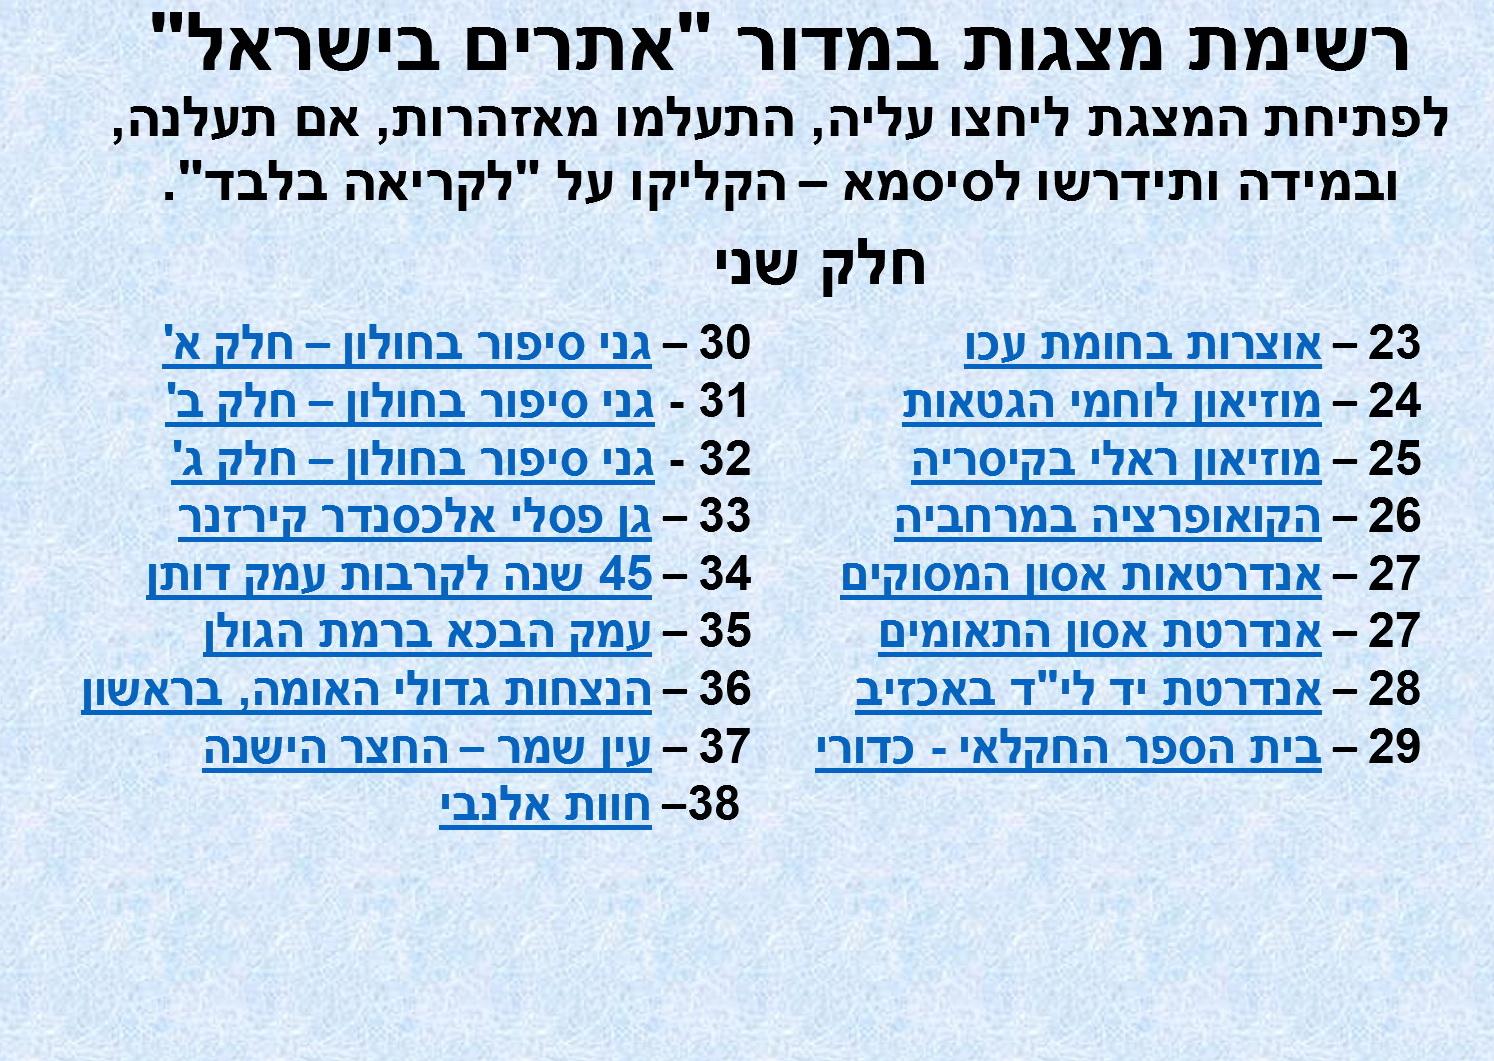 רשימת המצגות במדור אתרים - חלק שני